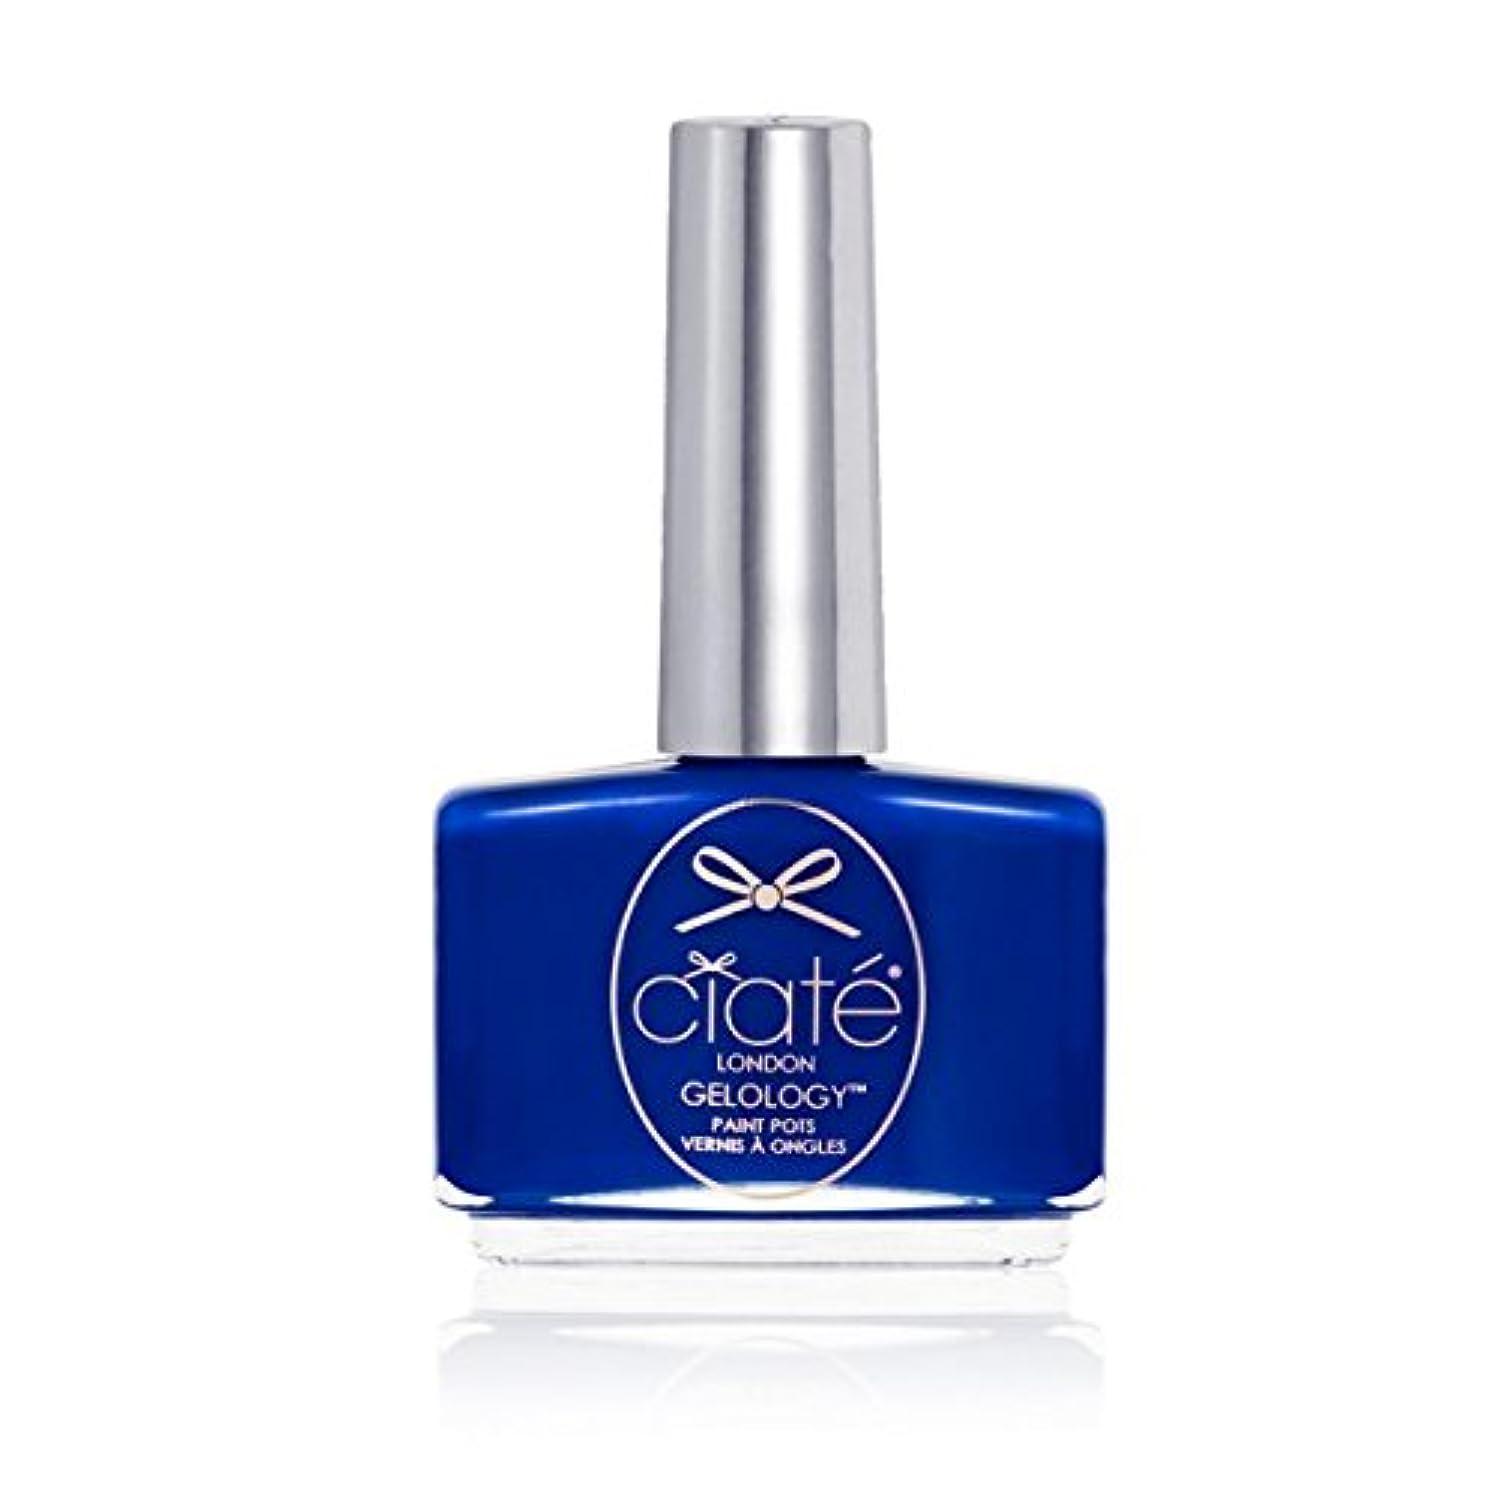 情熱的後世花嫁[ciate] [シアテロンドン ] ジェルロジープールパーティー(カラー:マリンブルー)-GELOLOGY-POOL PARTY シアテロンドン ジェルポリッシュ 色:マリンブルー ネイルカラー系統:ブルー(青)